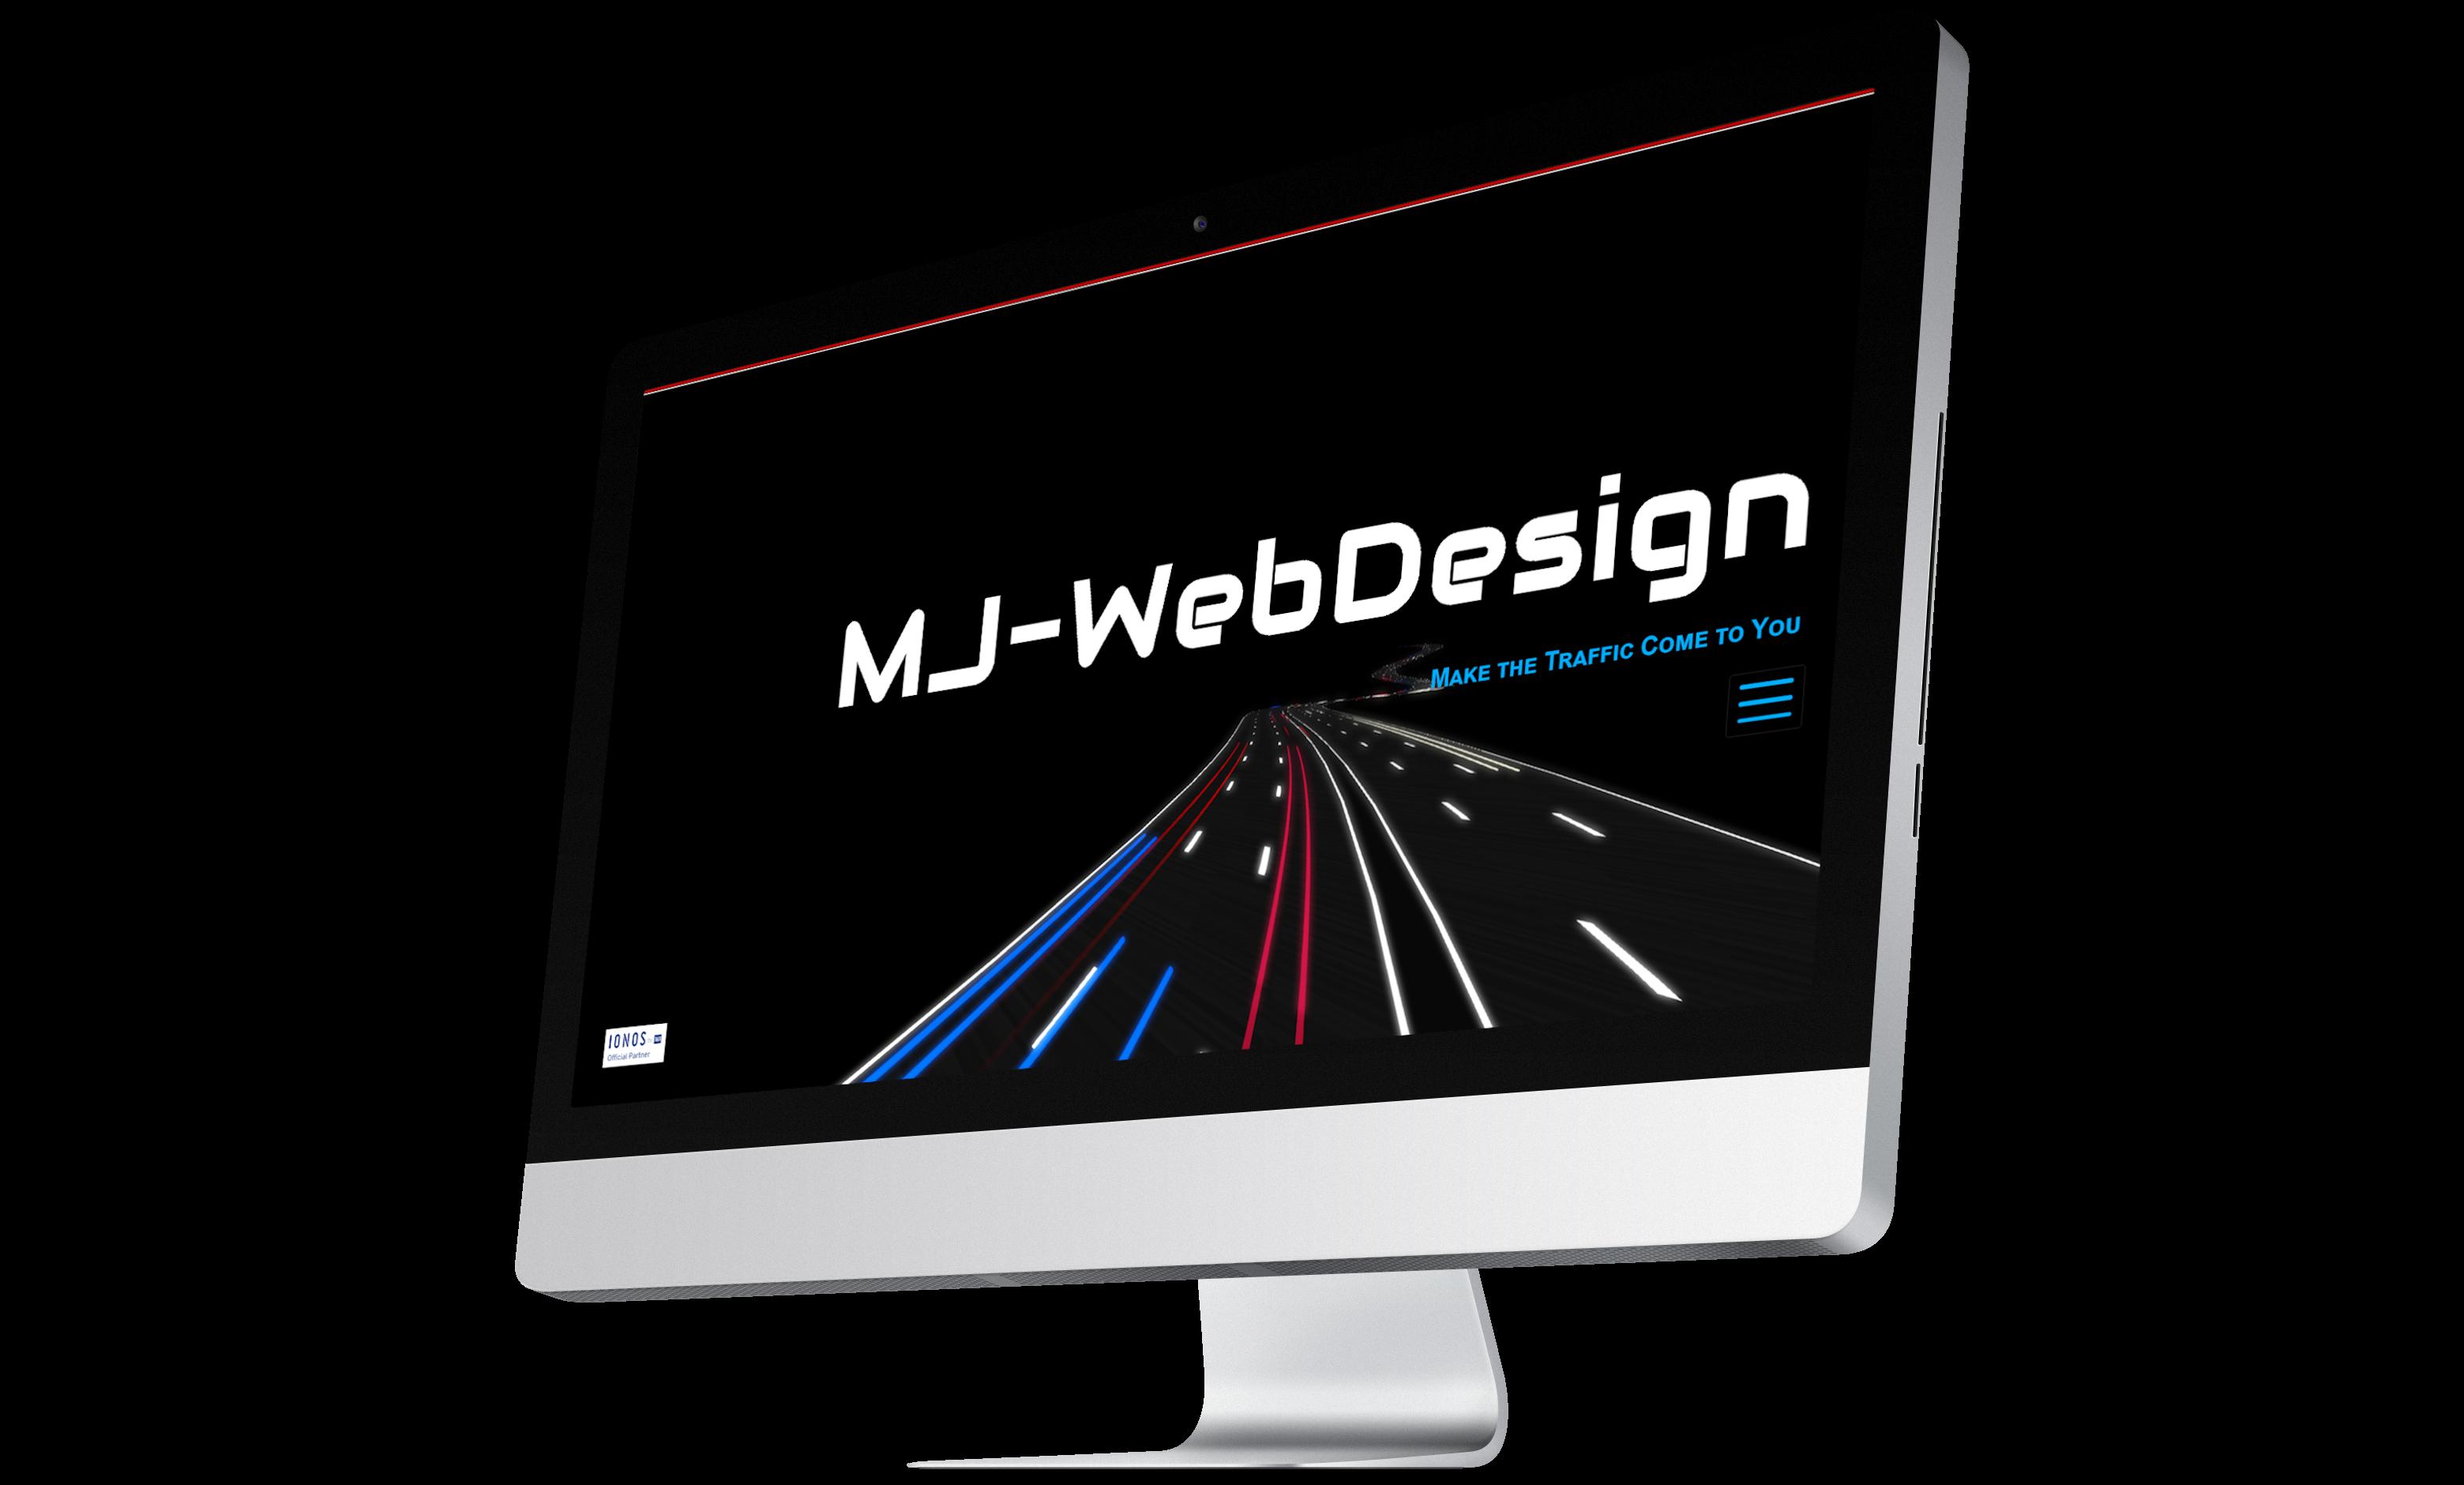 responsive desktop website design